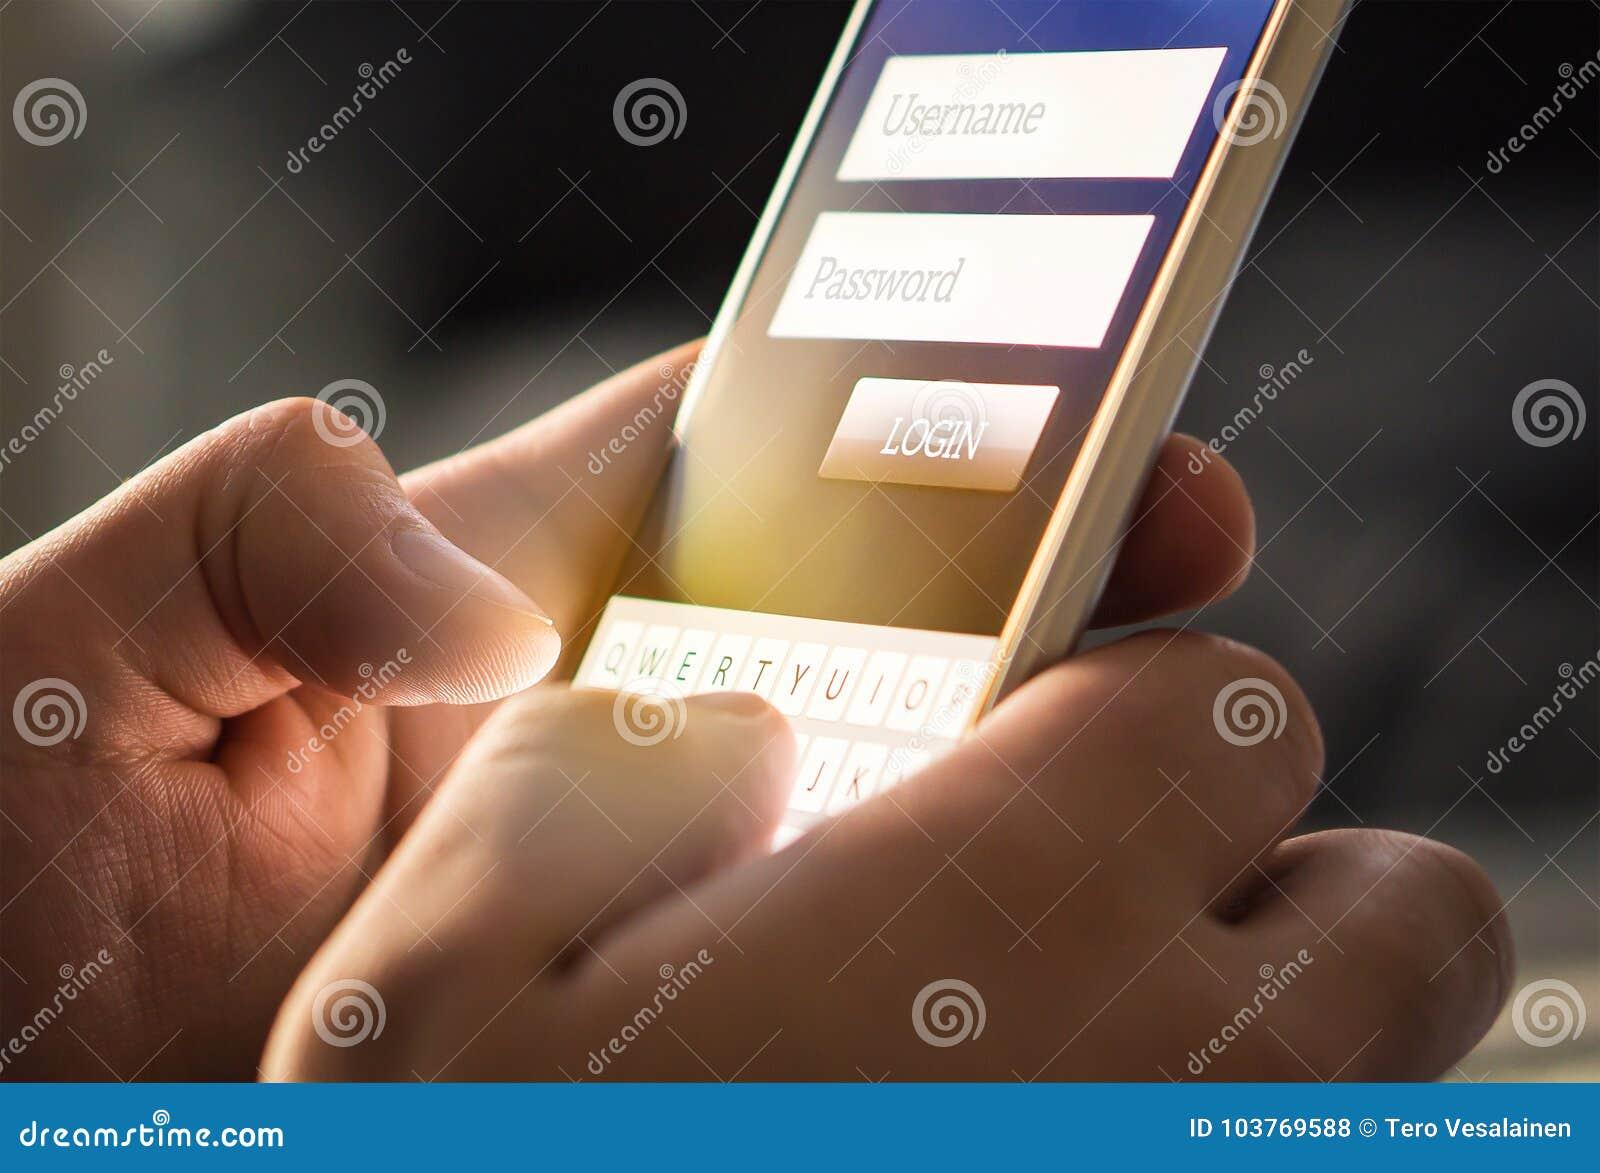 Início de uma sessão com o smartphone à conta bancária em linha